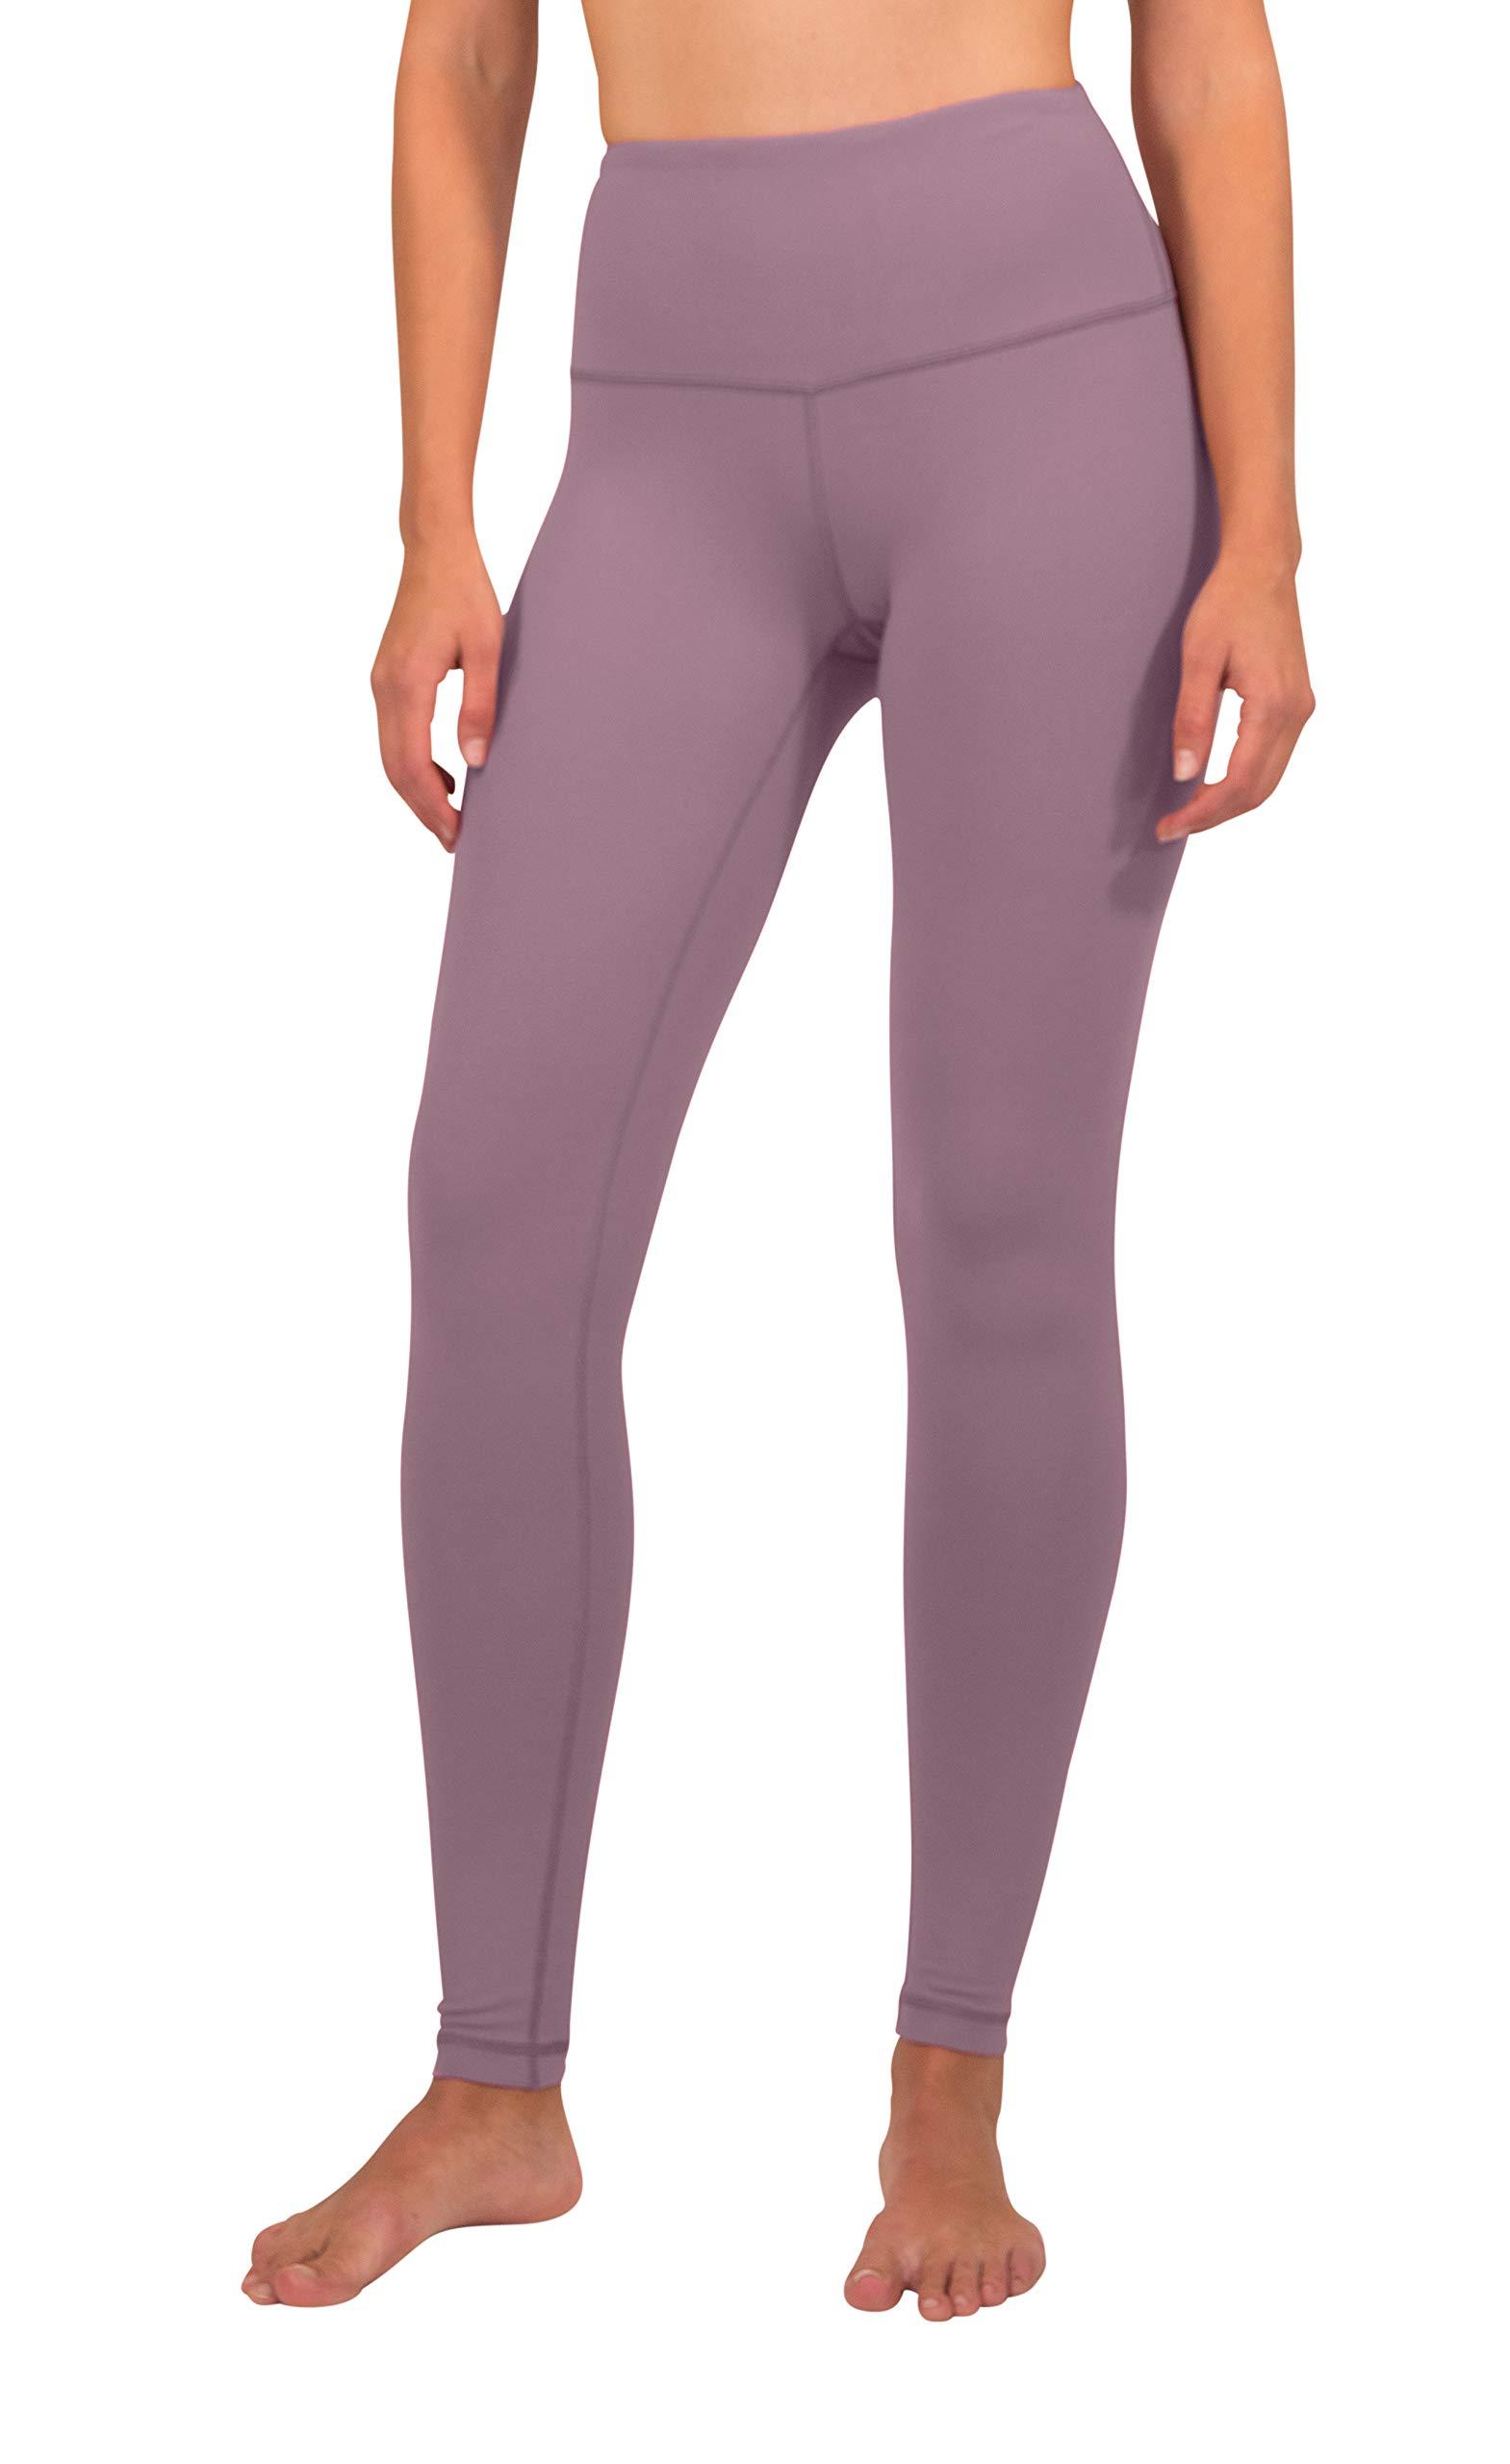 90 Degree By Reflex - High Waist Power Flex Legging – Tummy Control - Chocolate Plum - Small